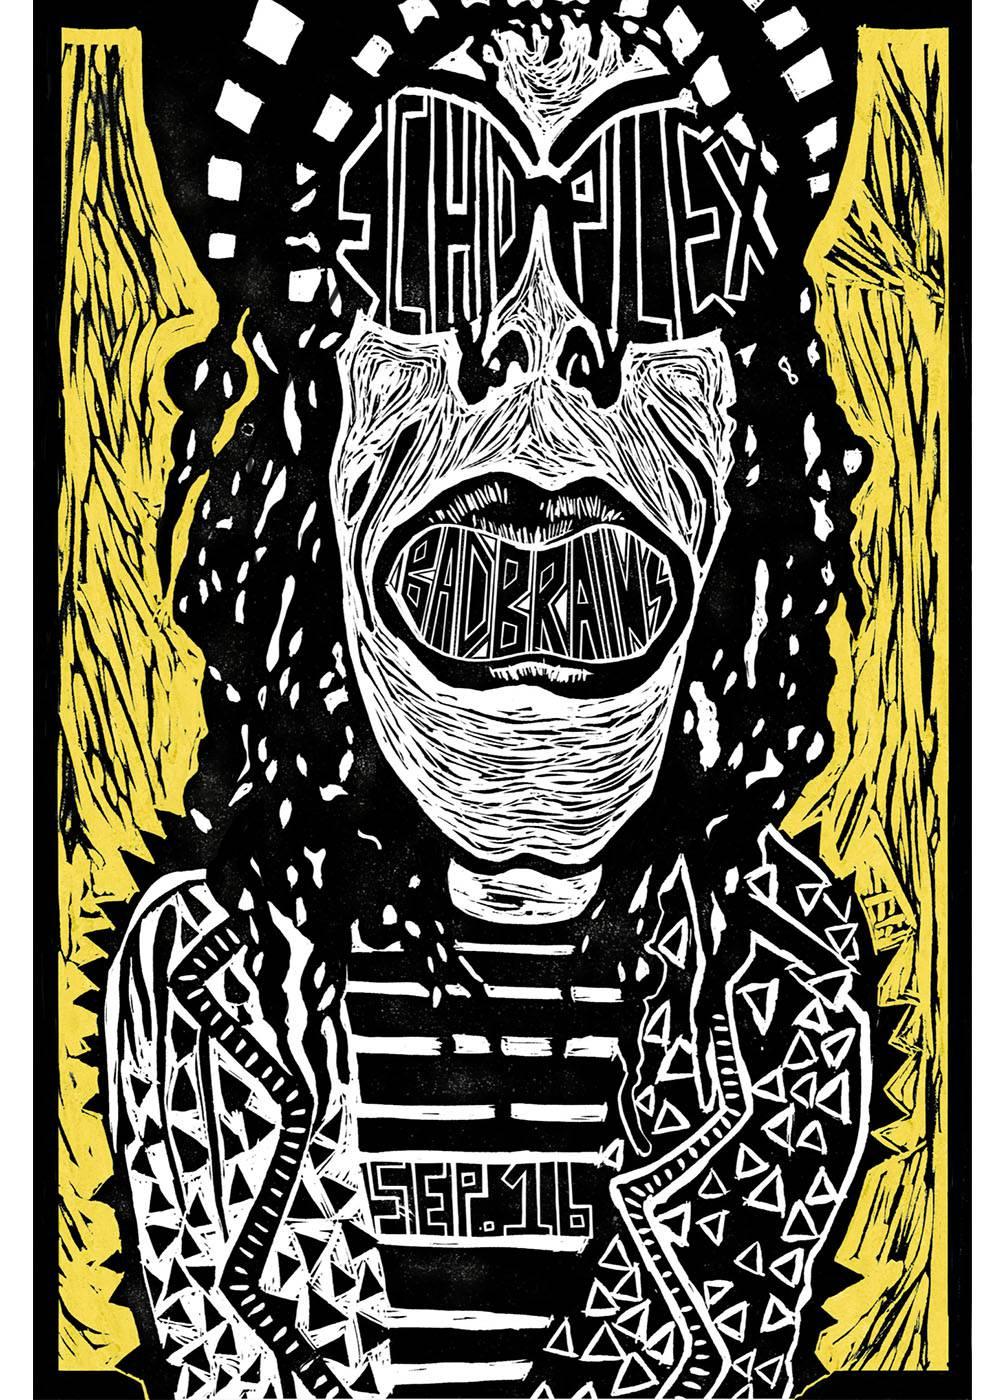 Punk Rock Reggae Band Poster Block Printing Printmaking